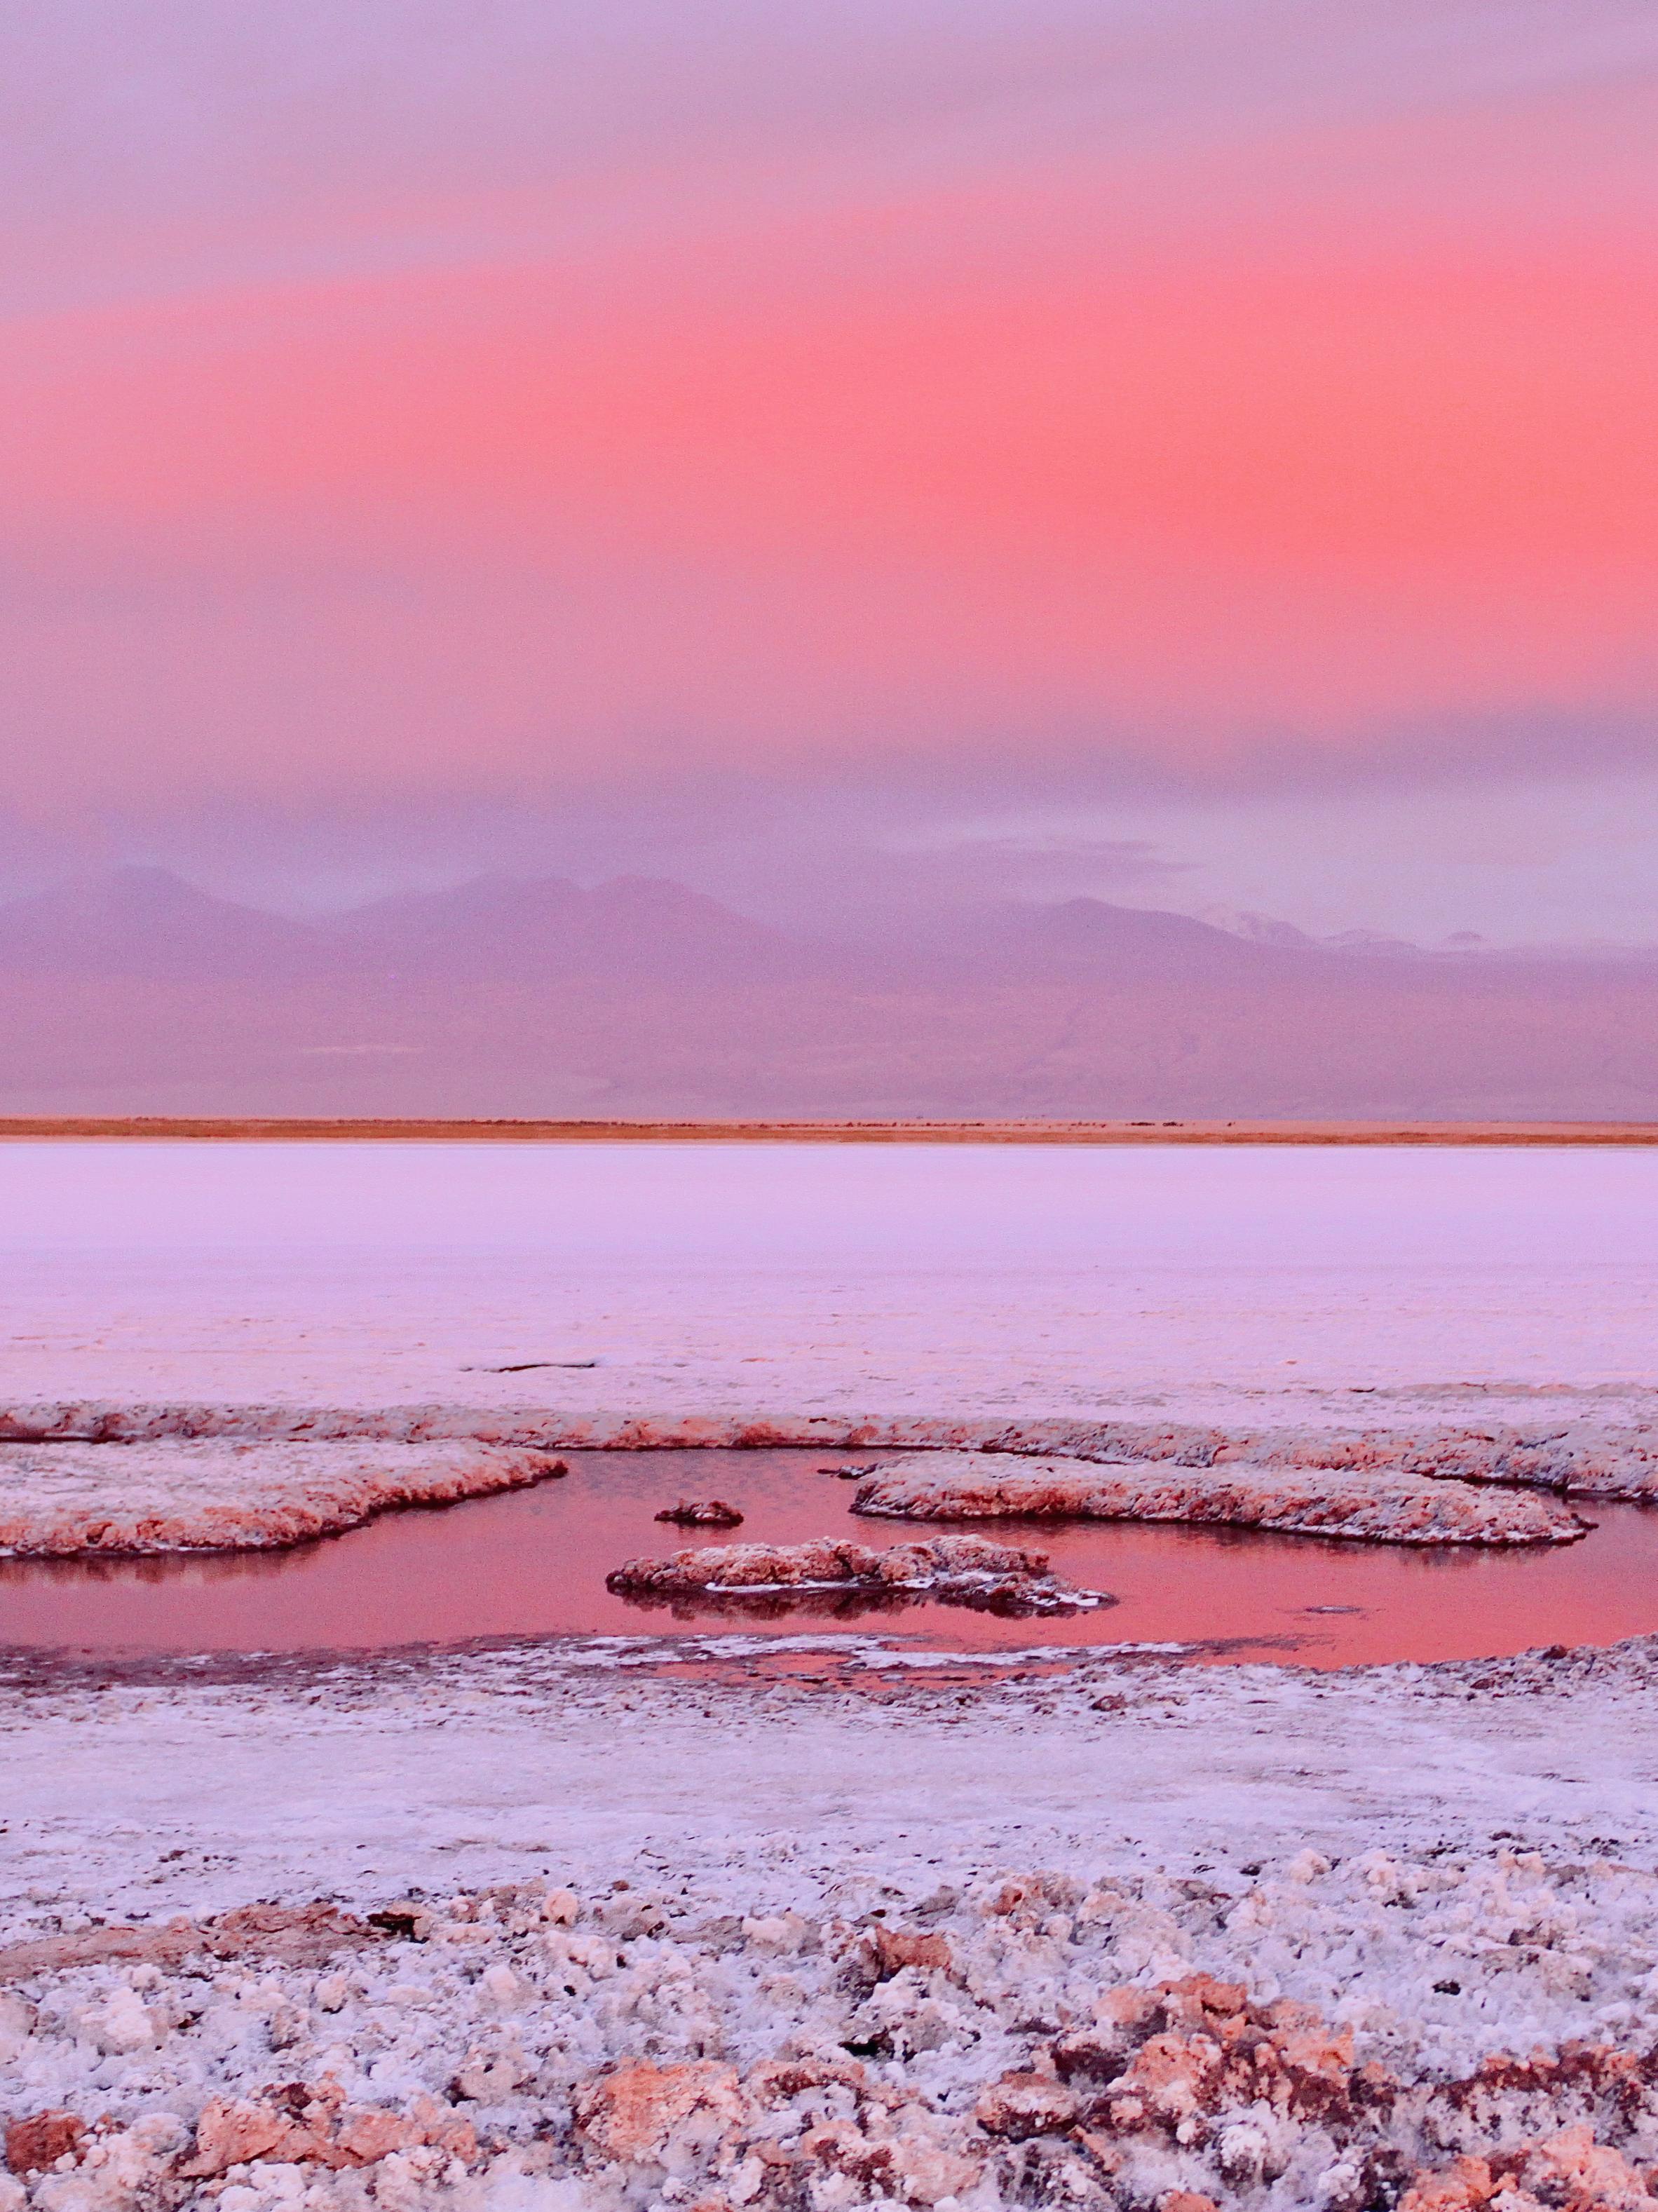 Atacama Desert at sunset